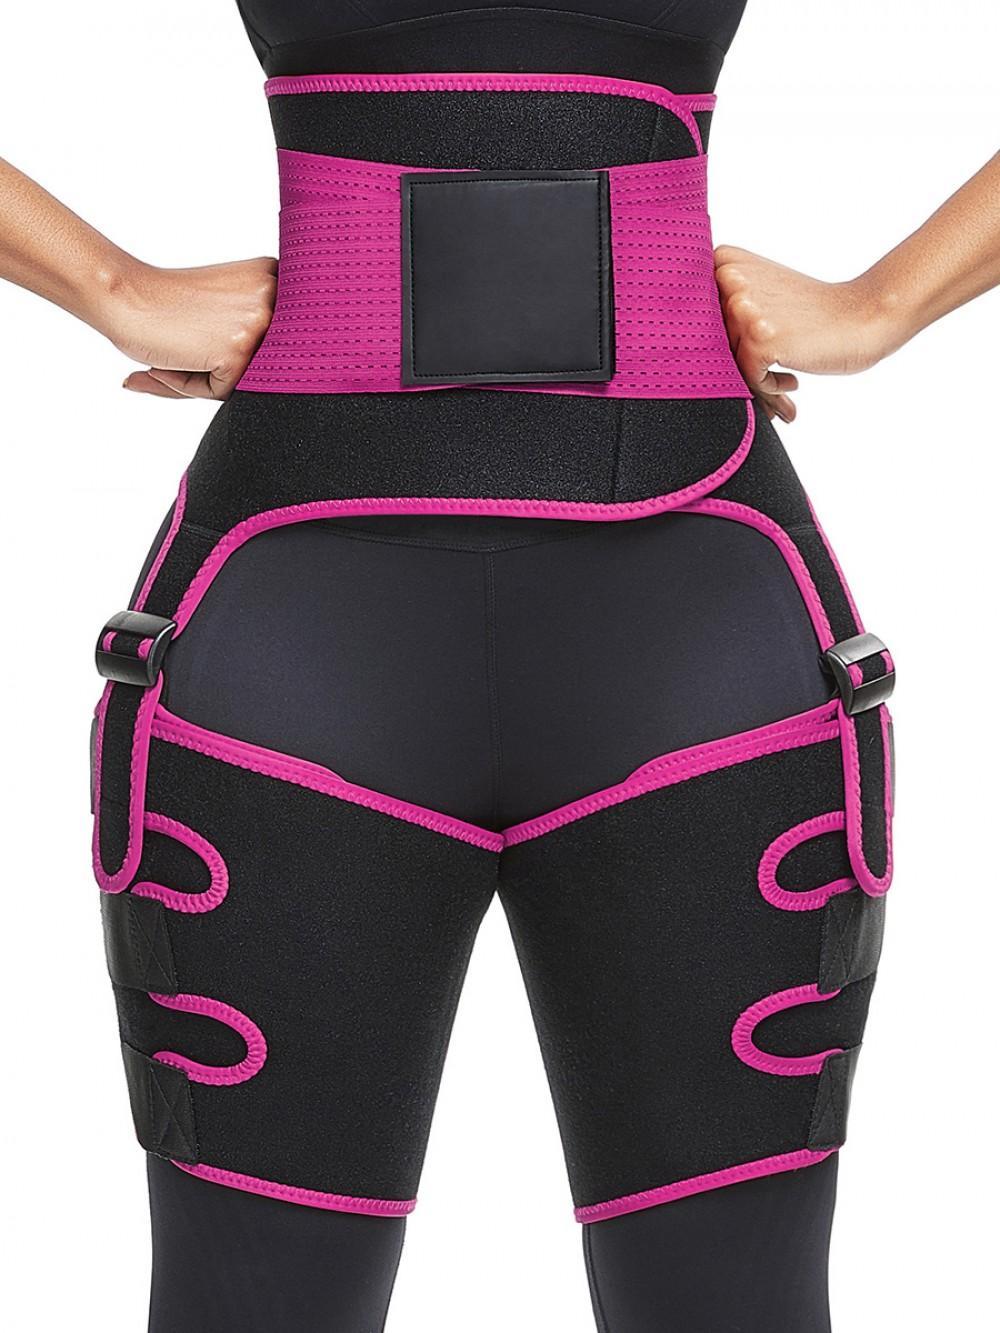 3-en-1 de cintura alta del muslo Trainer Trimmer Hip Enhancer yoga de la aptitud Peso Butt Lifter que adelgaza la correa de soporte Hip Enhancer Fajas para la Mujer